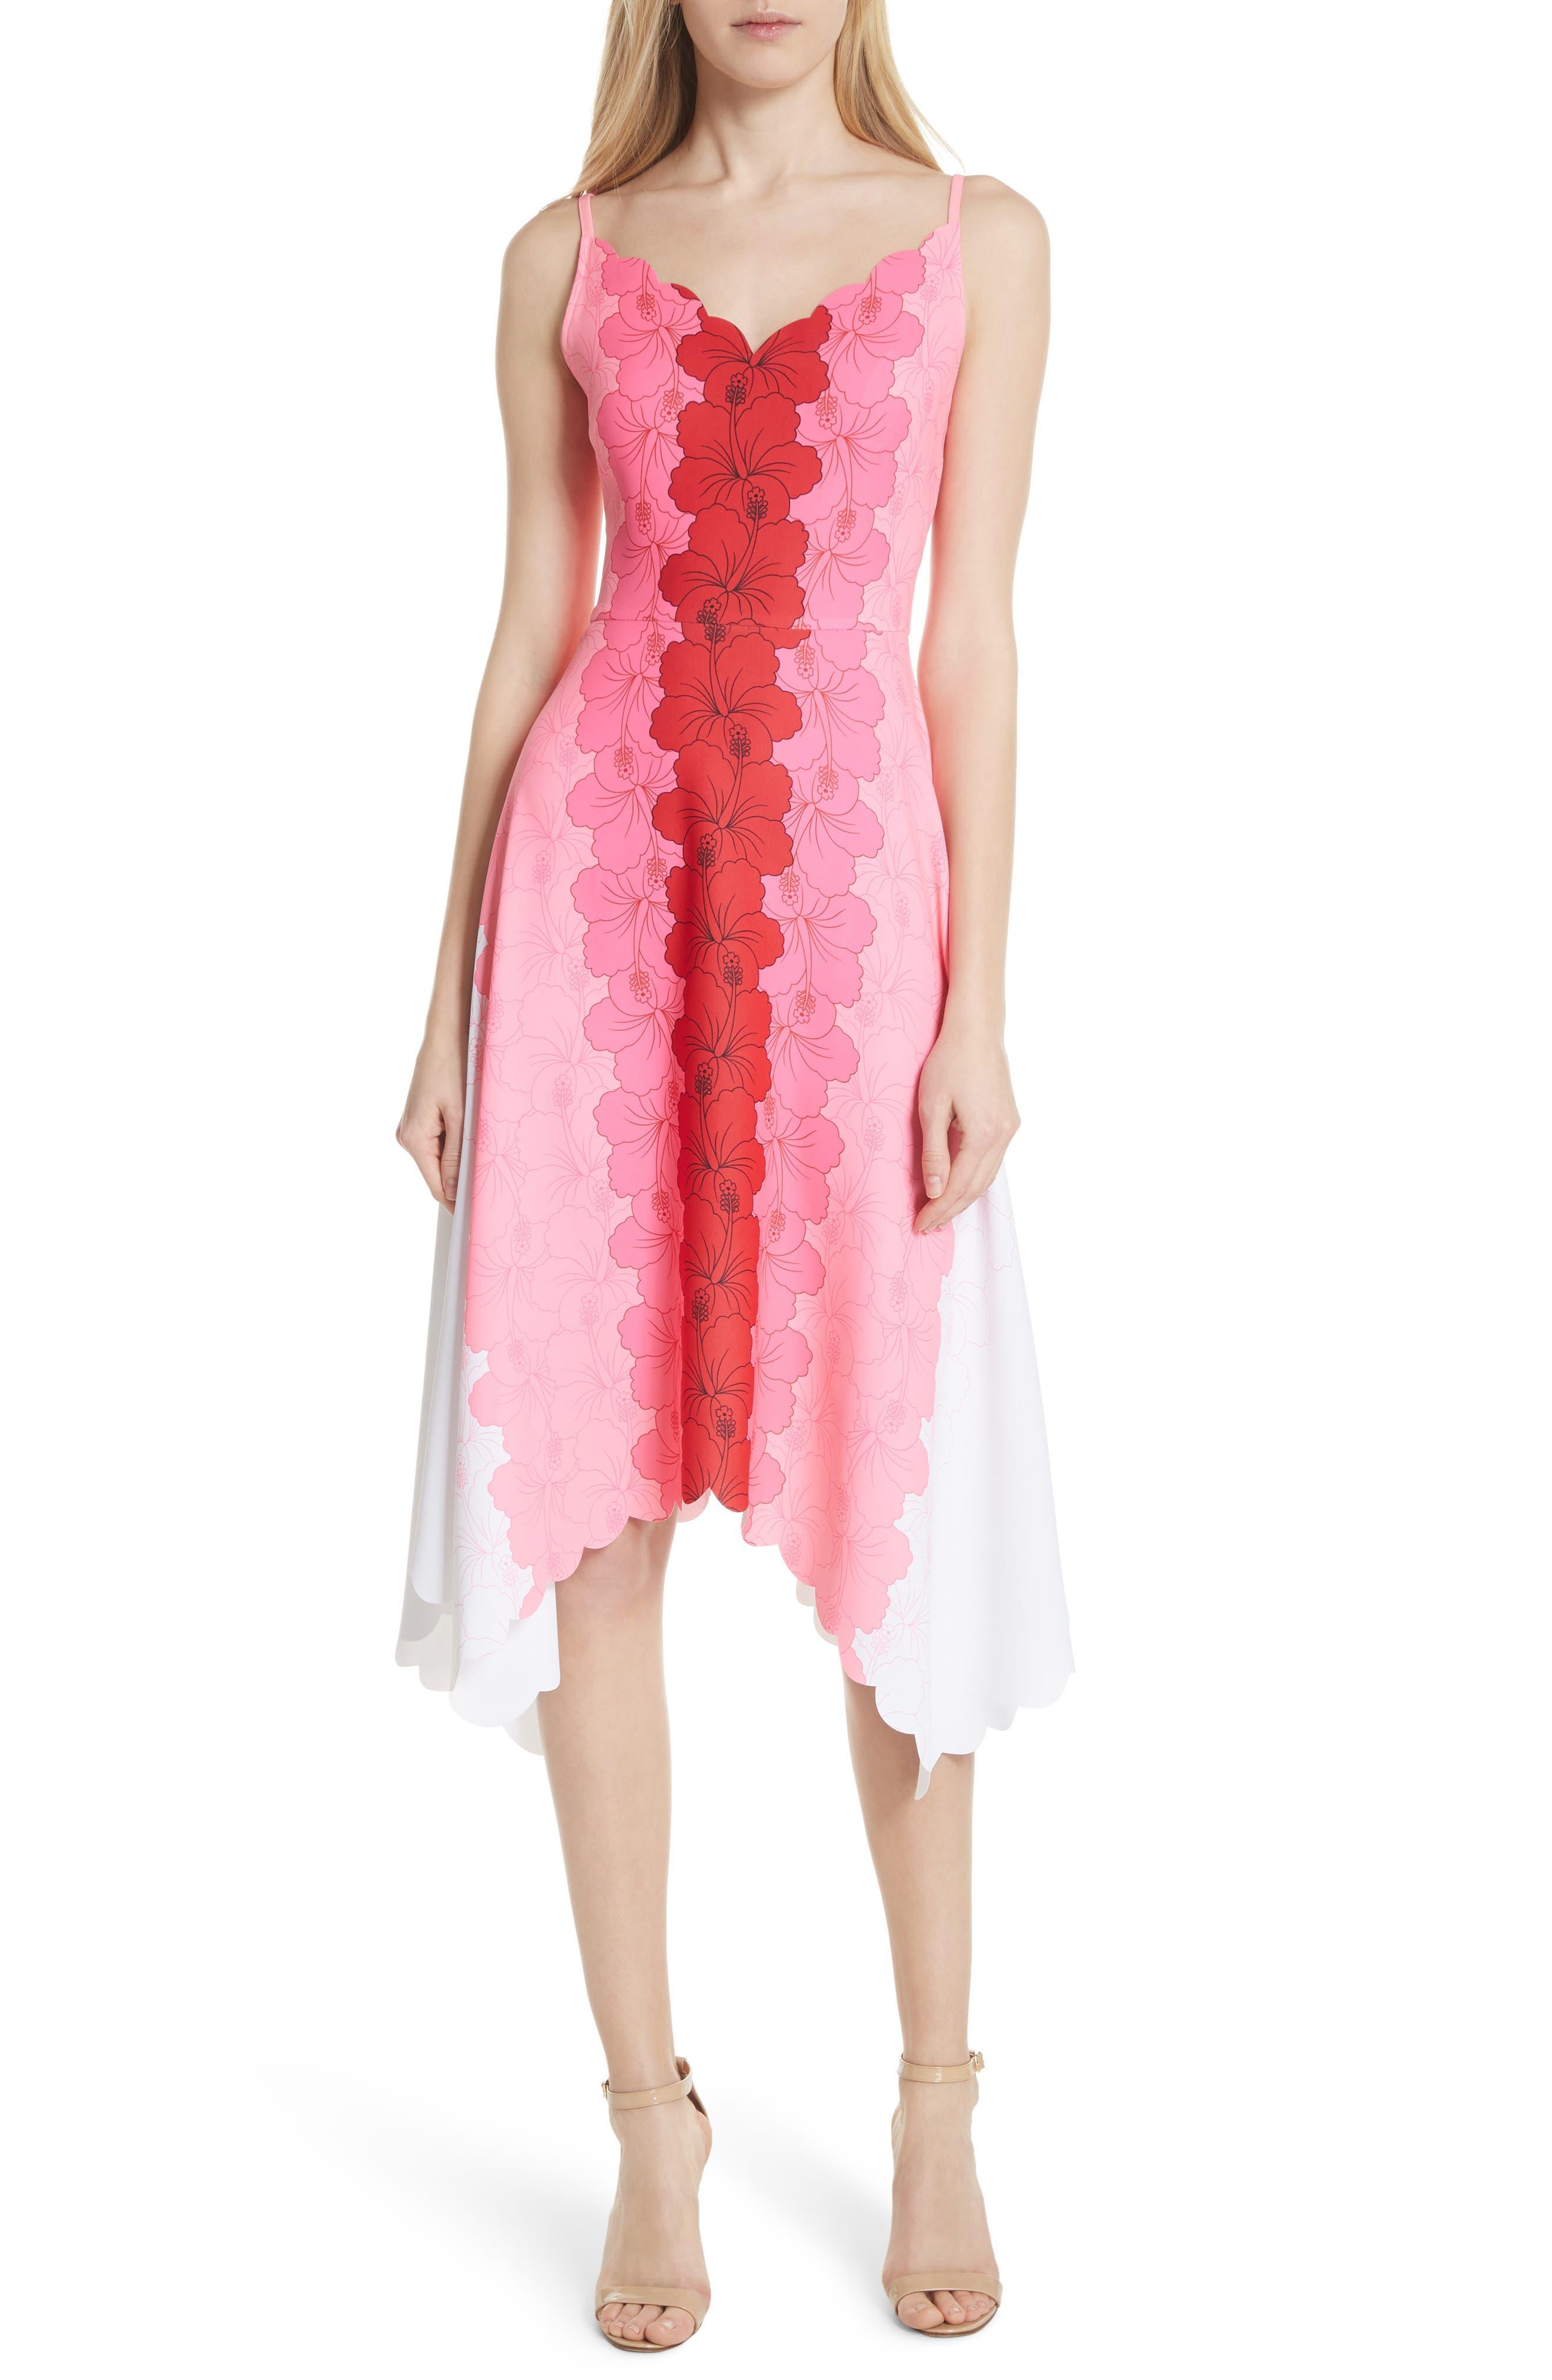 Ritsa Happiness Dress,                             Main thumbnail 1, color,                             671